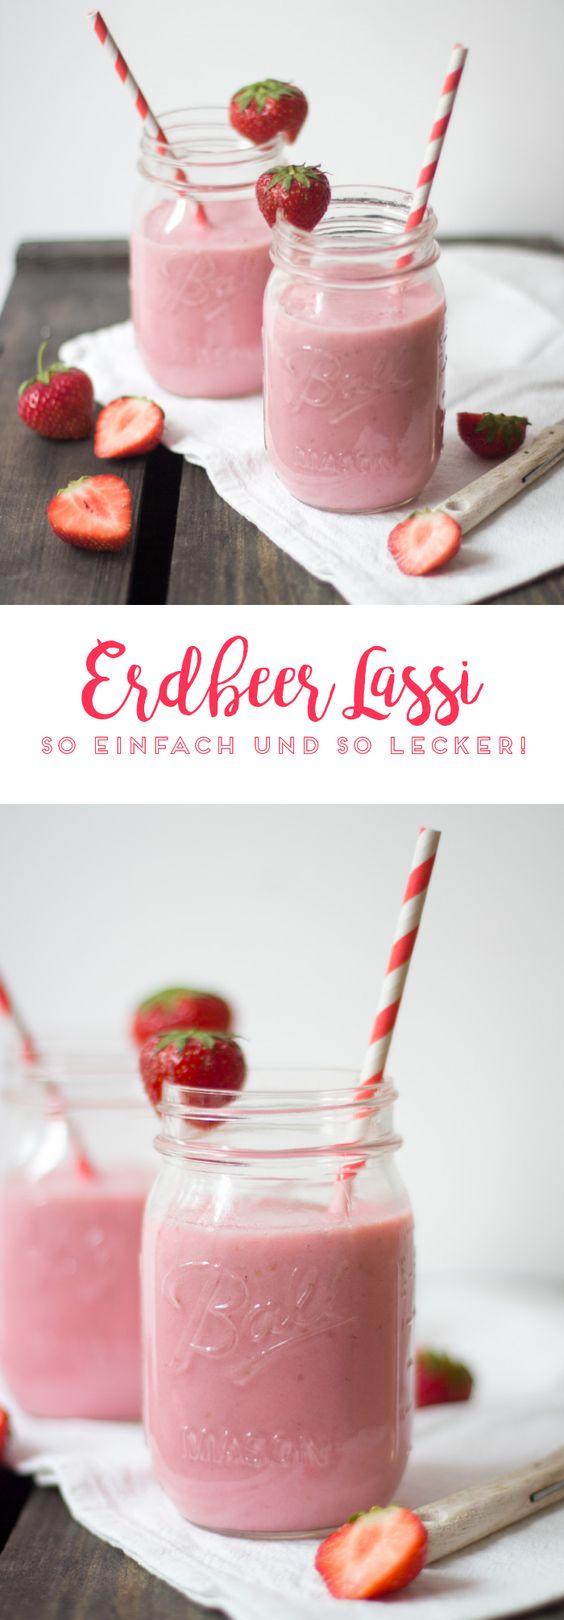 Erdbeer Lassi. Super leckeres Getränk. Ein leichtes Rezept mit nur vier Zutaten.